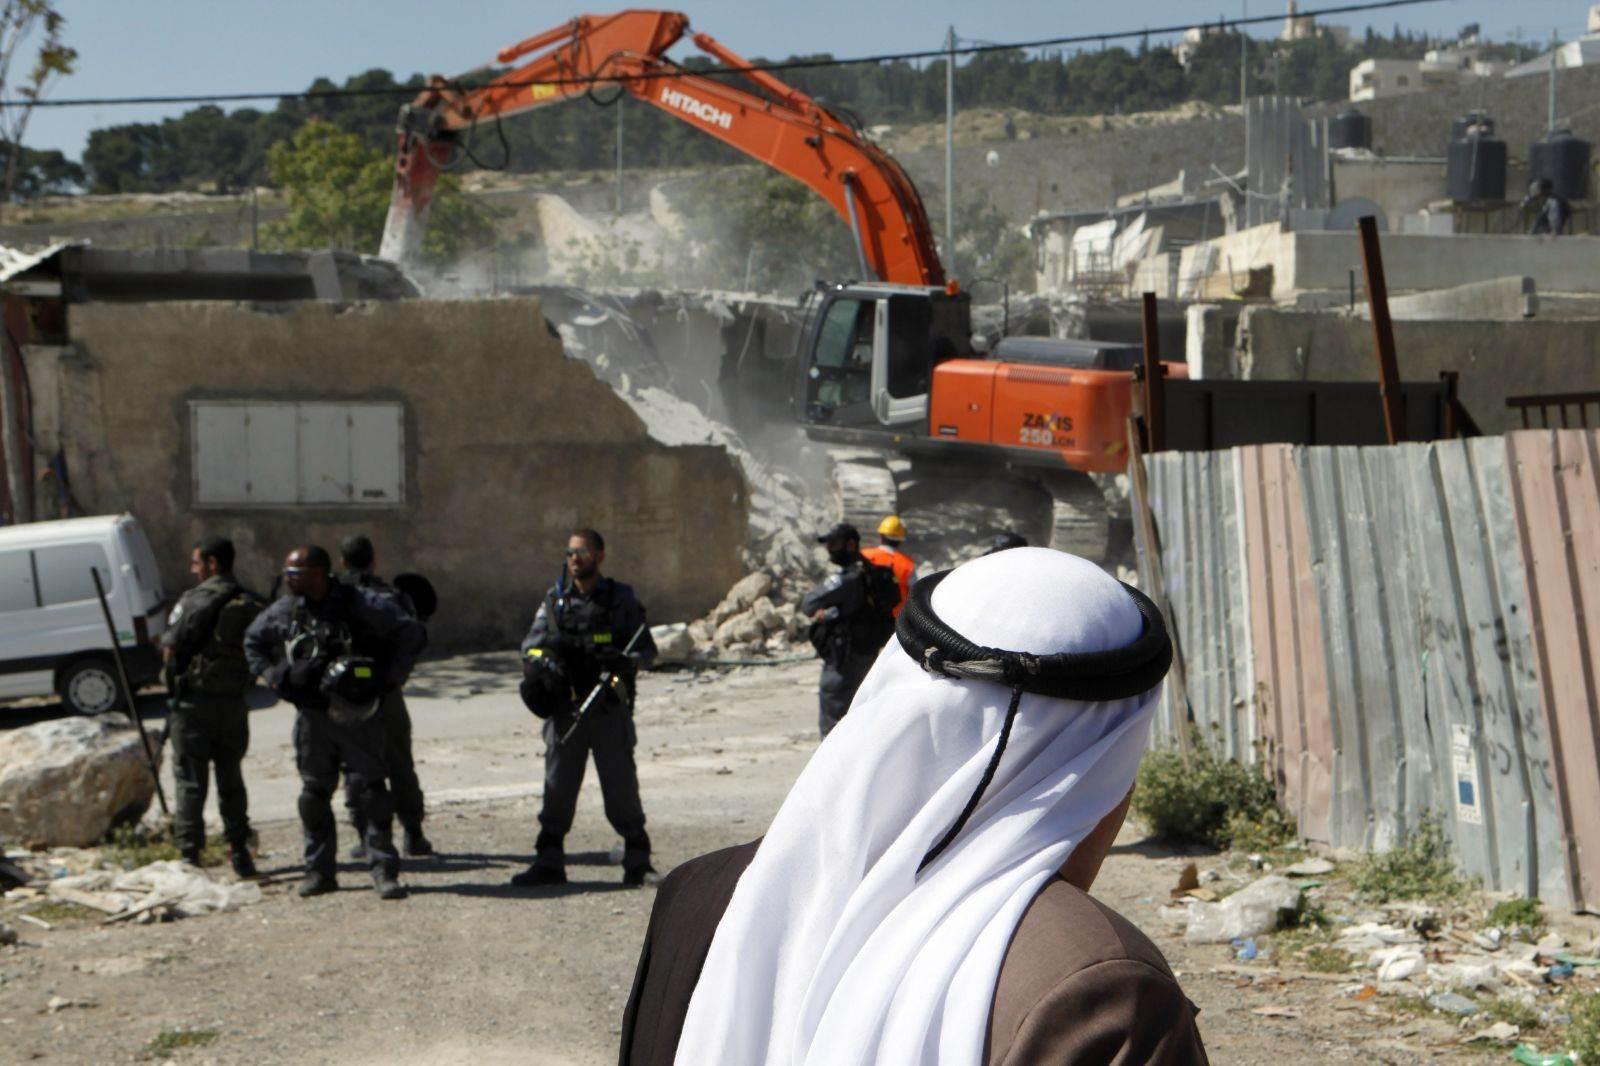 نادي الأسير: الاحتلال هدمَ 4 منازل لعائلات أسرى منذ مطلع العام الجاري